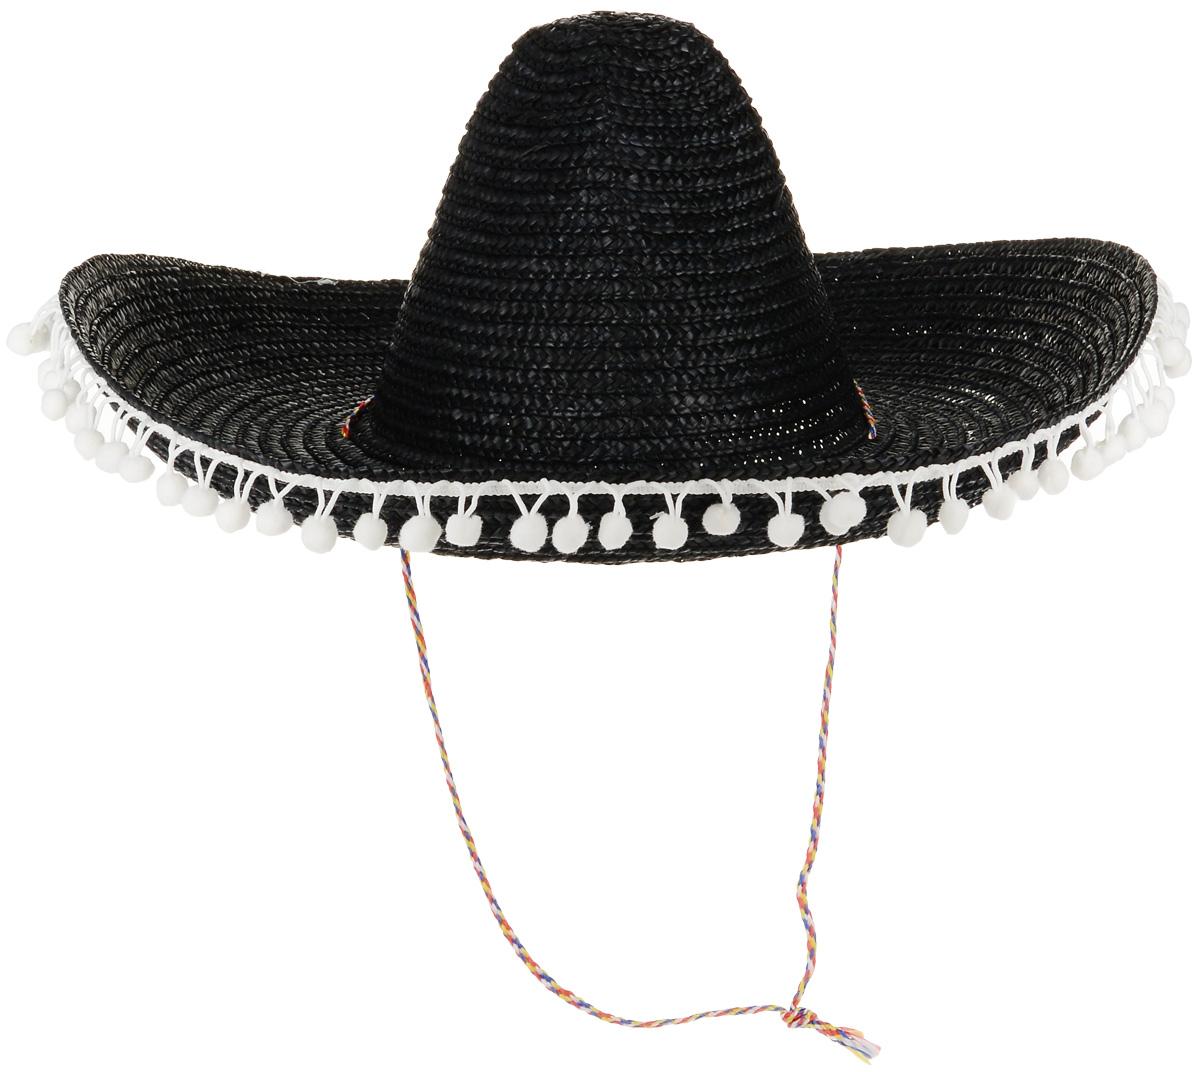 Rio Шляпа карнавальная цвет черный 8155 - Карнавальные костюмы и аксессуары